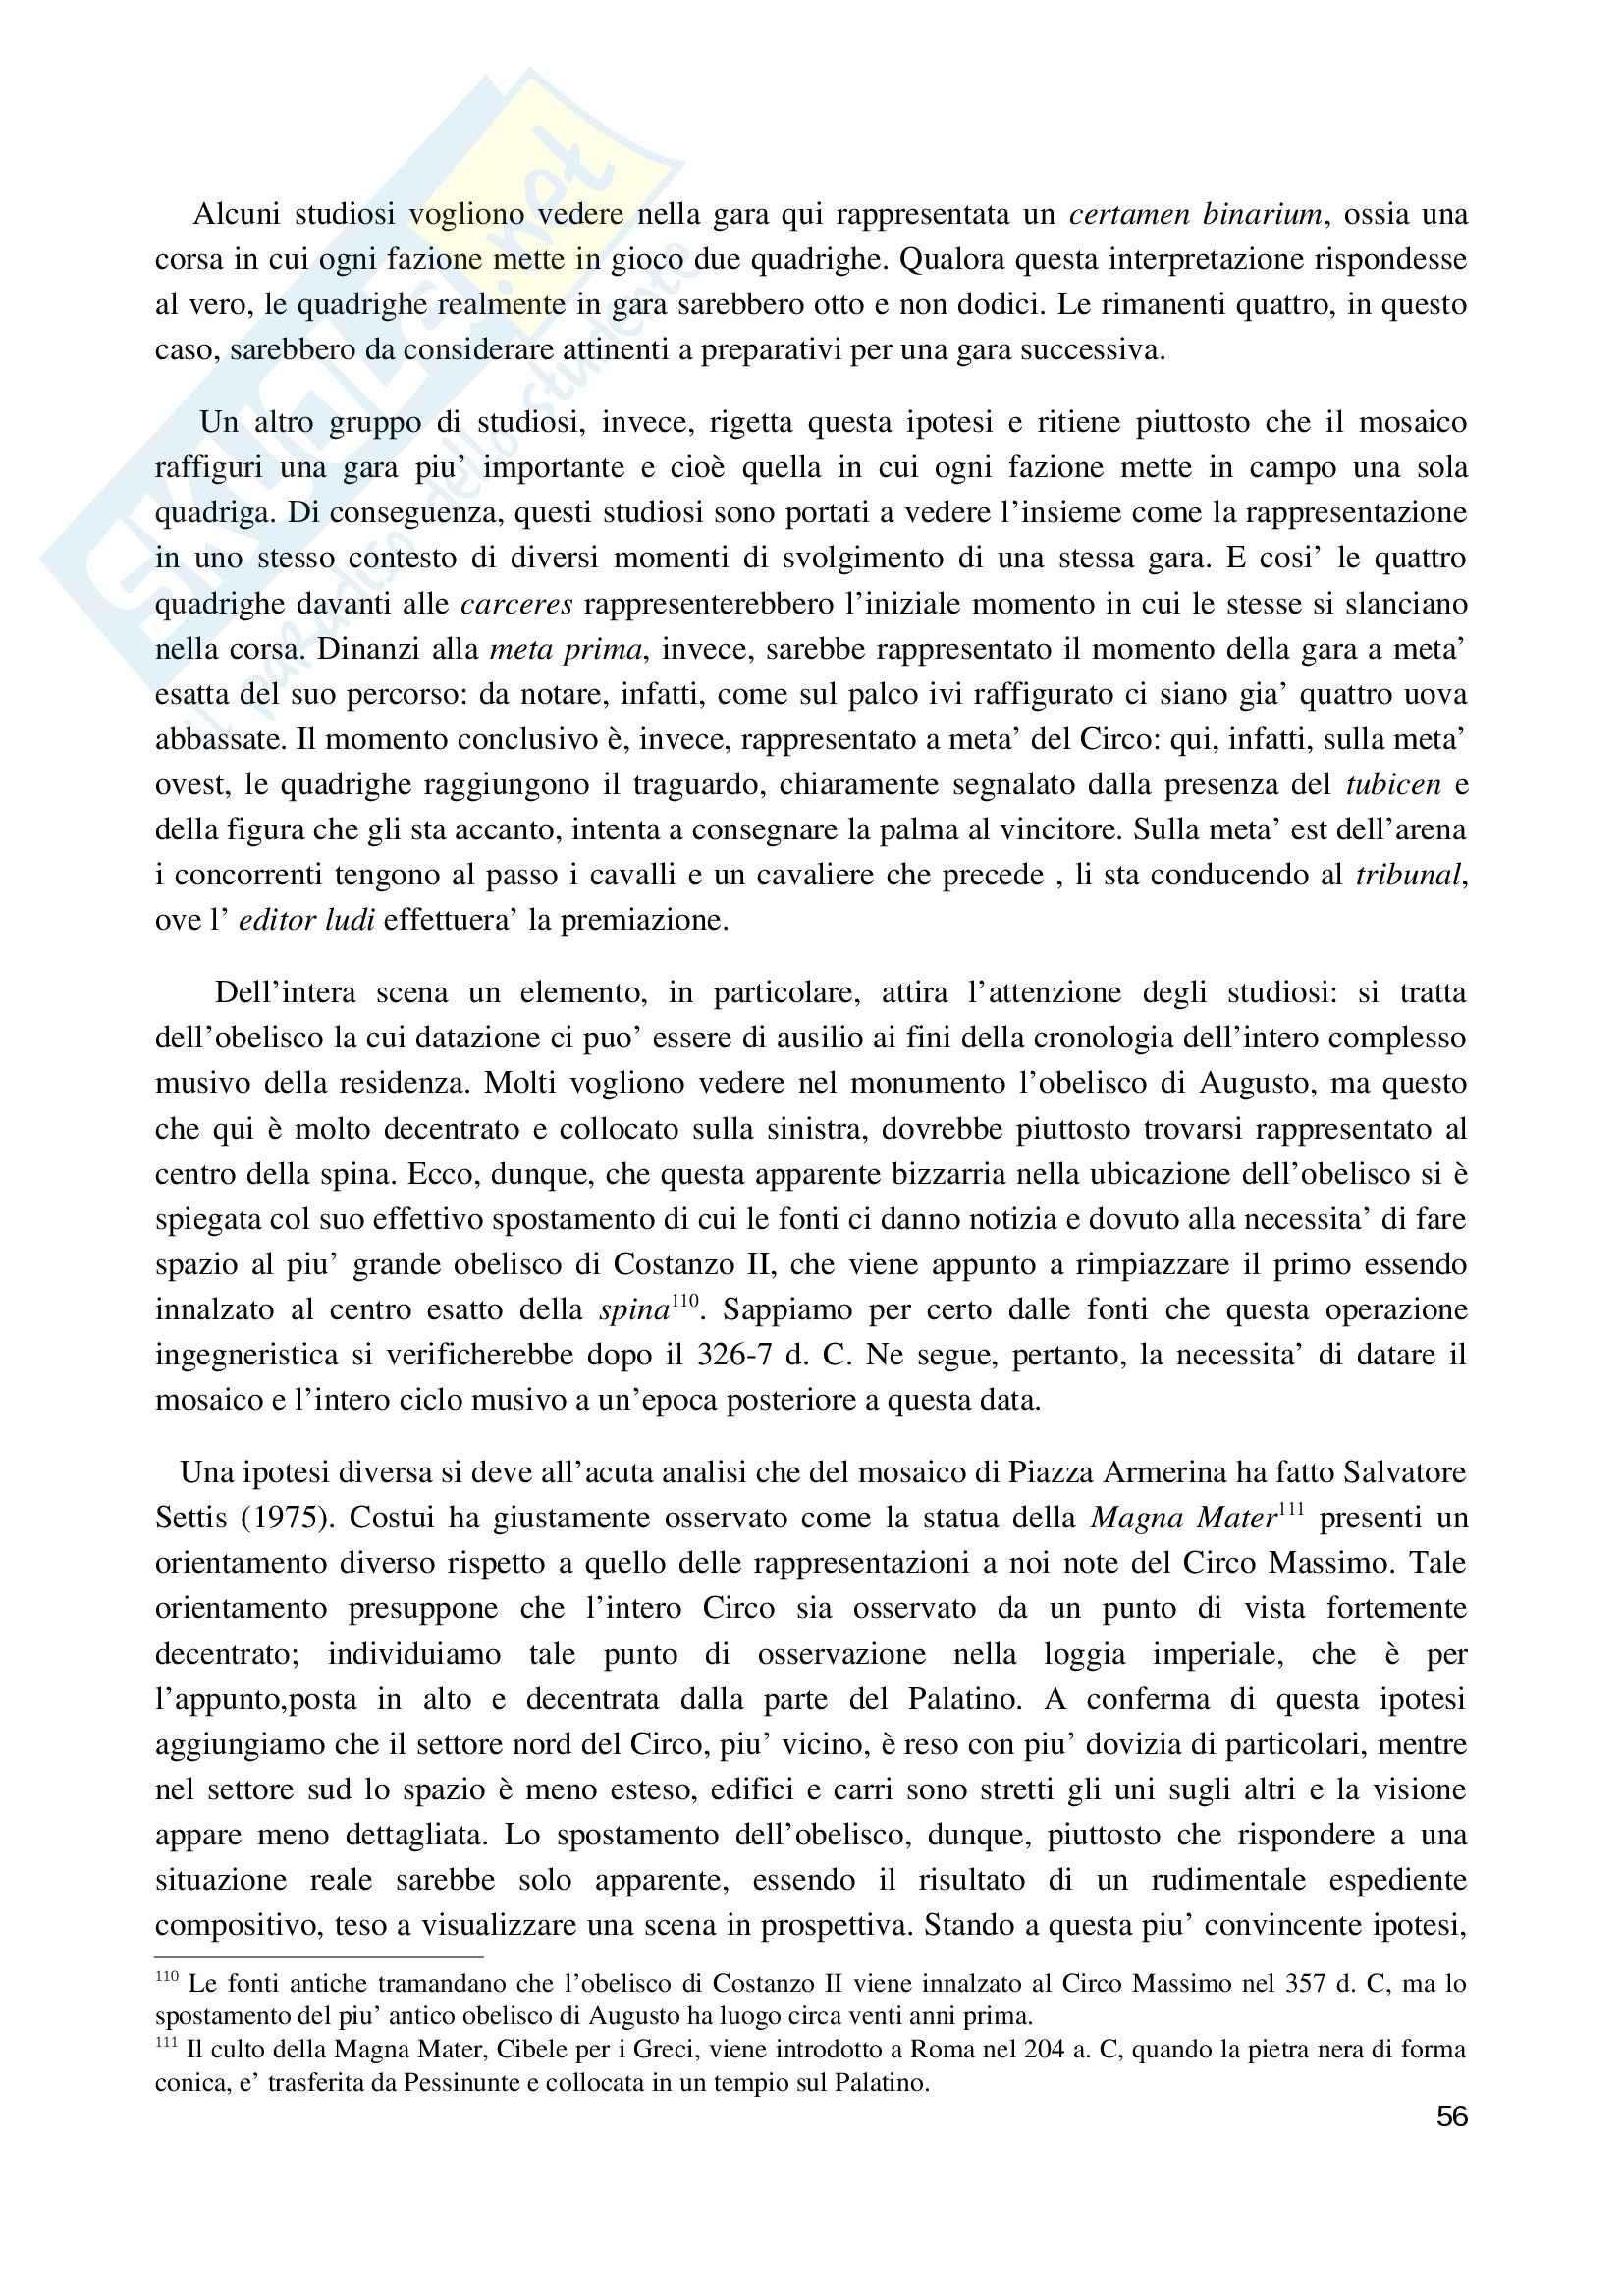 La villa romana di Piazza Armerina 2010, Archeologia e storia dell'arte Pag. 56